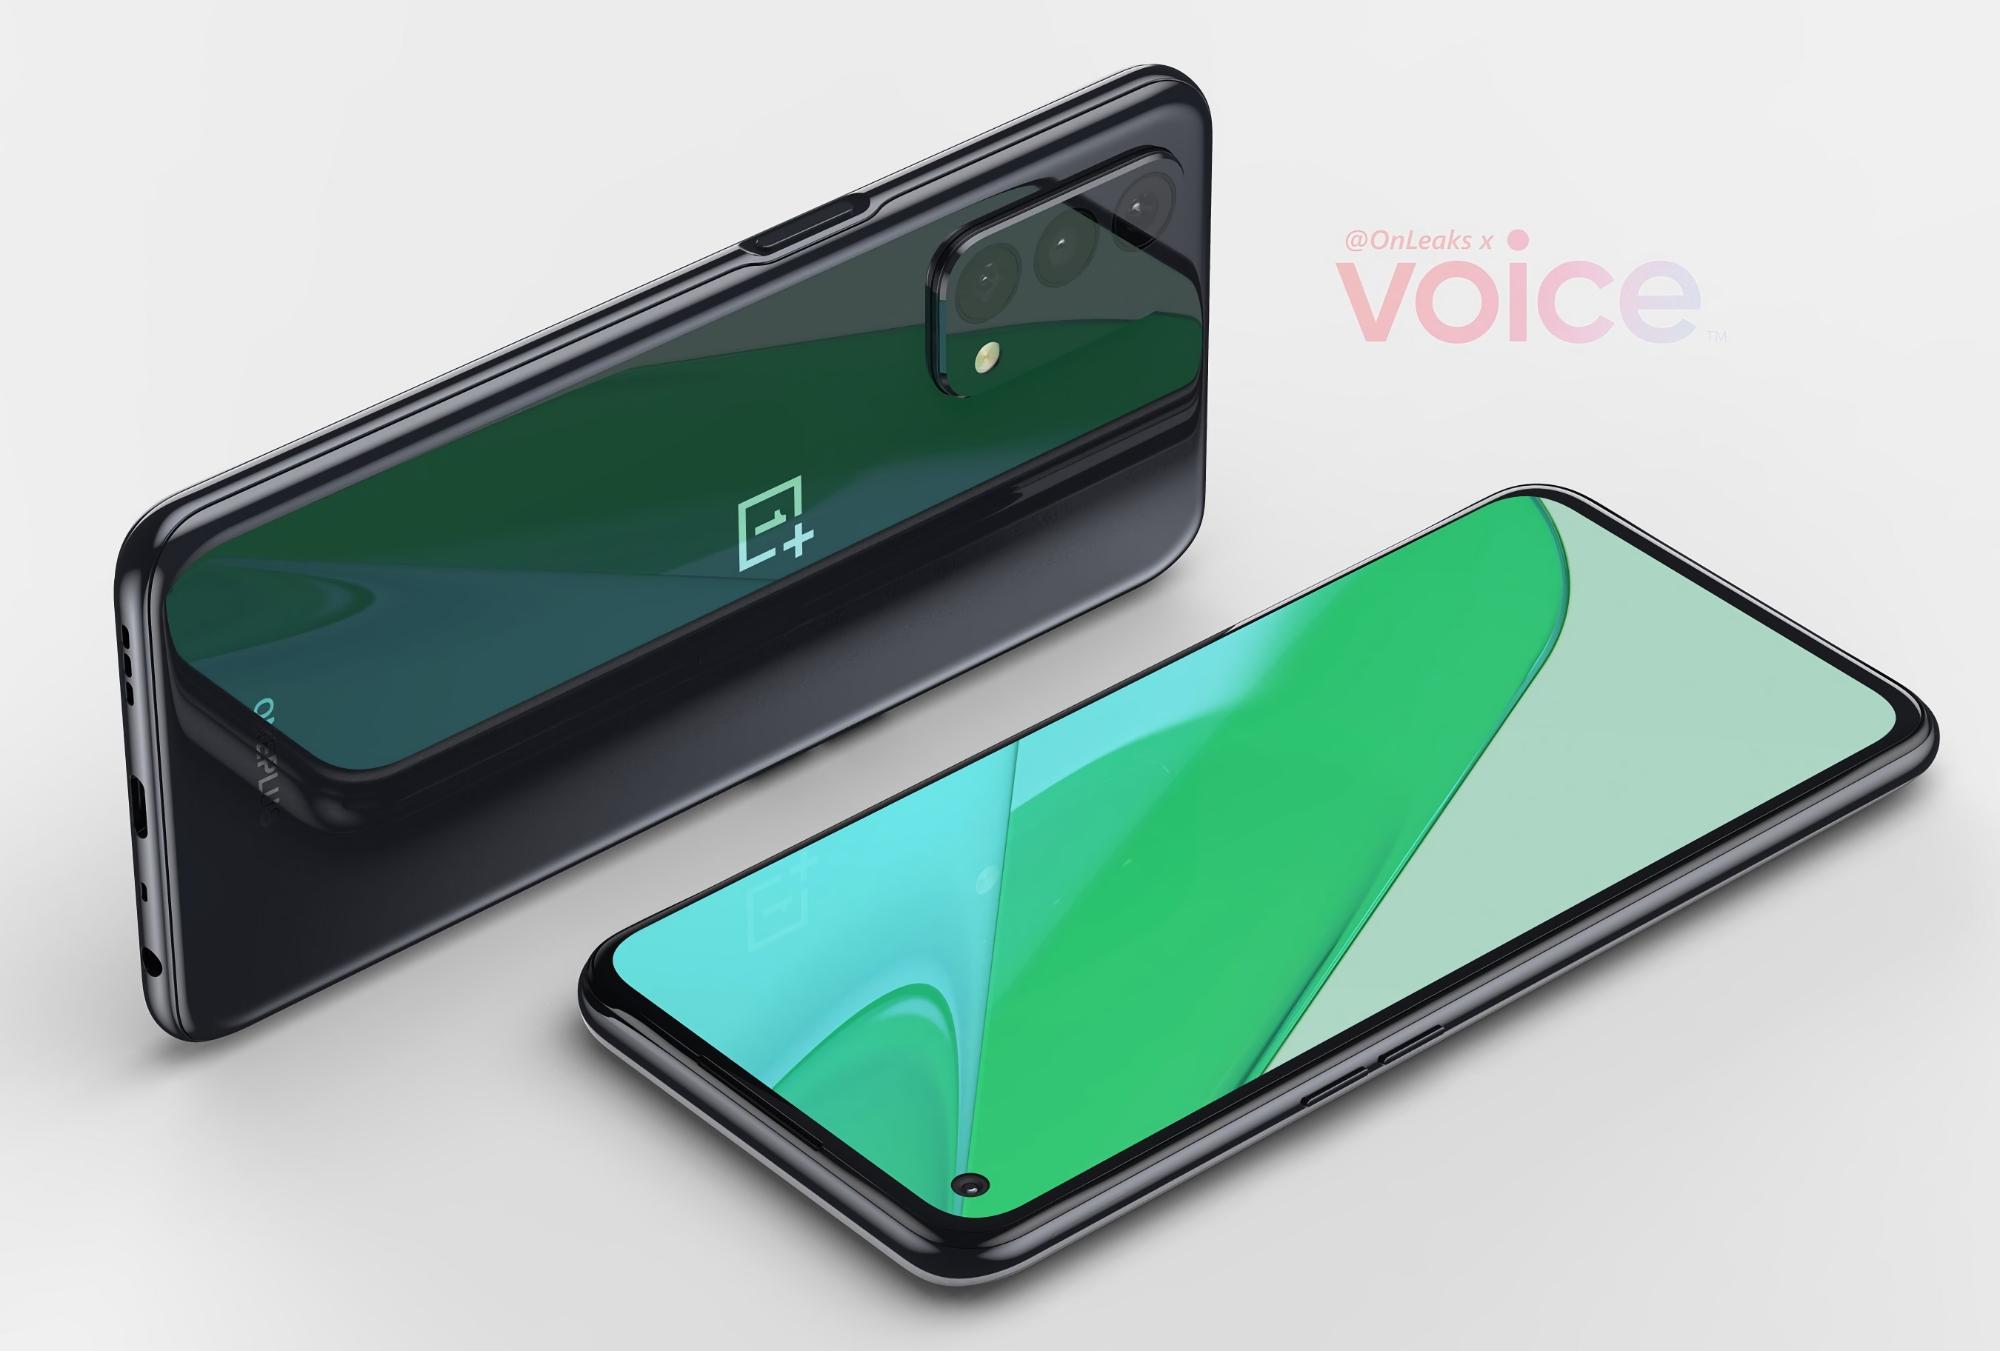 В сеть утекли подробные характеристики OnePlus Nord CE 5G: экран на 90 Гц, чип Snapdragon 750G, зарядка на 30 Вт и тройная камера на 64 МП